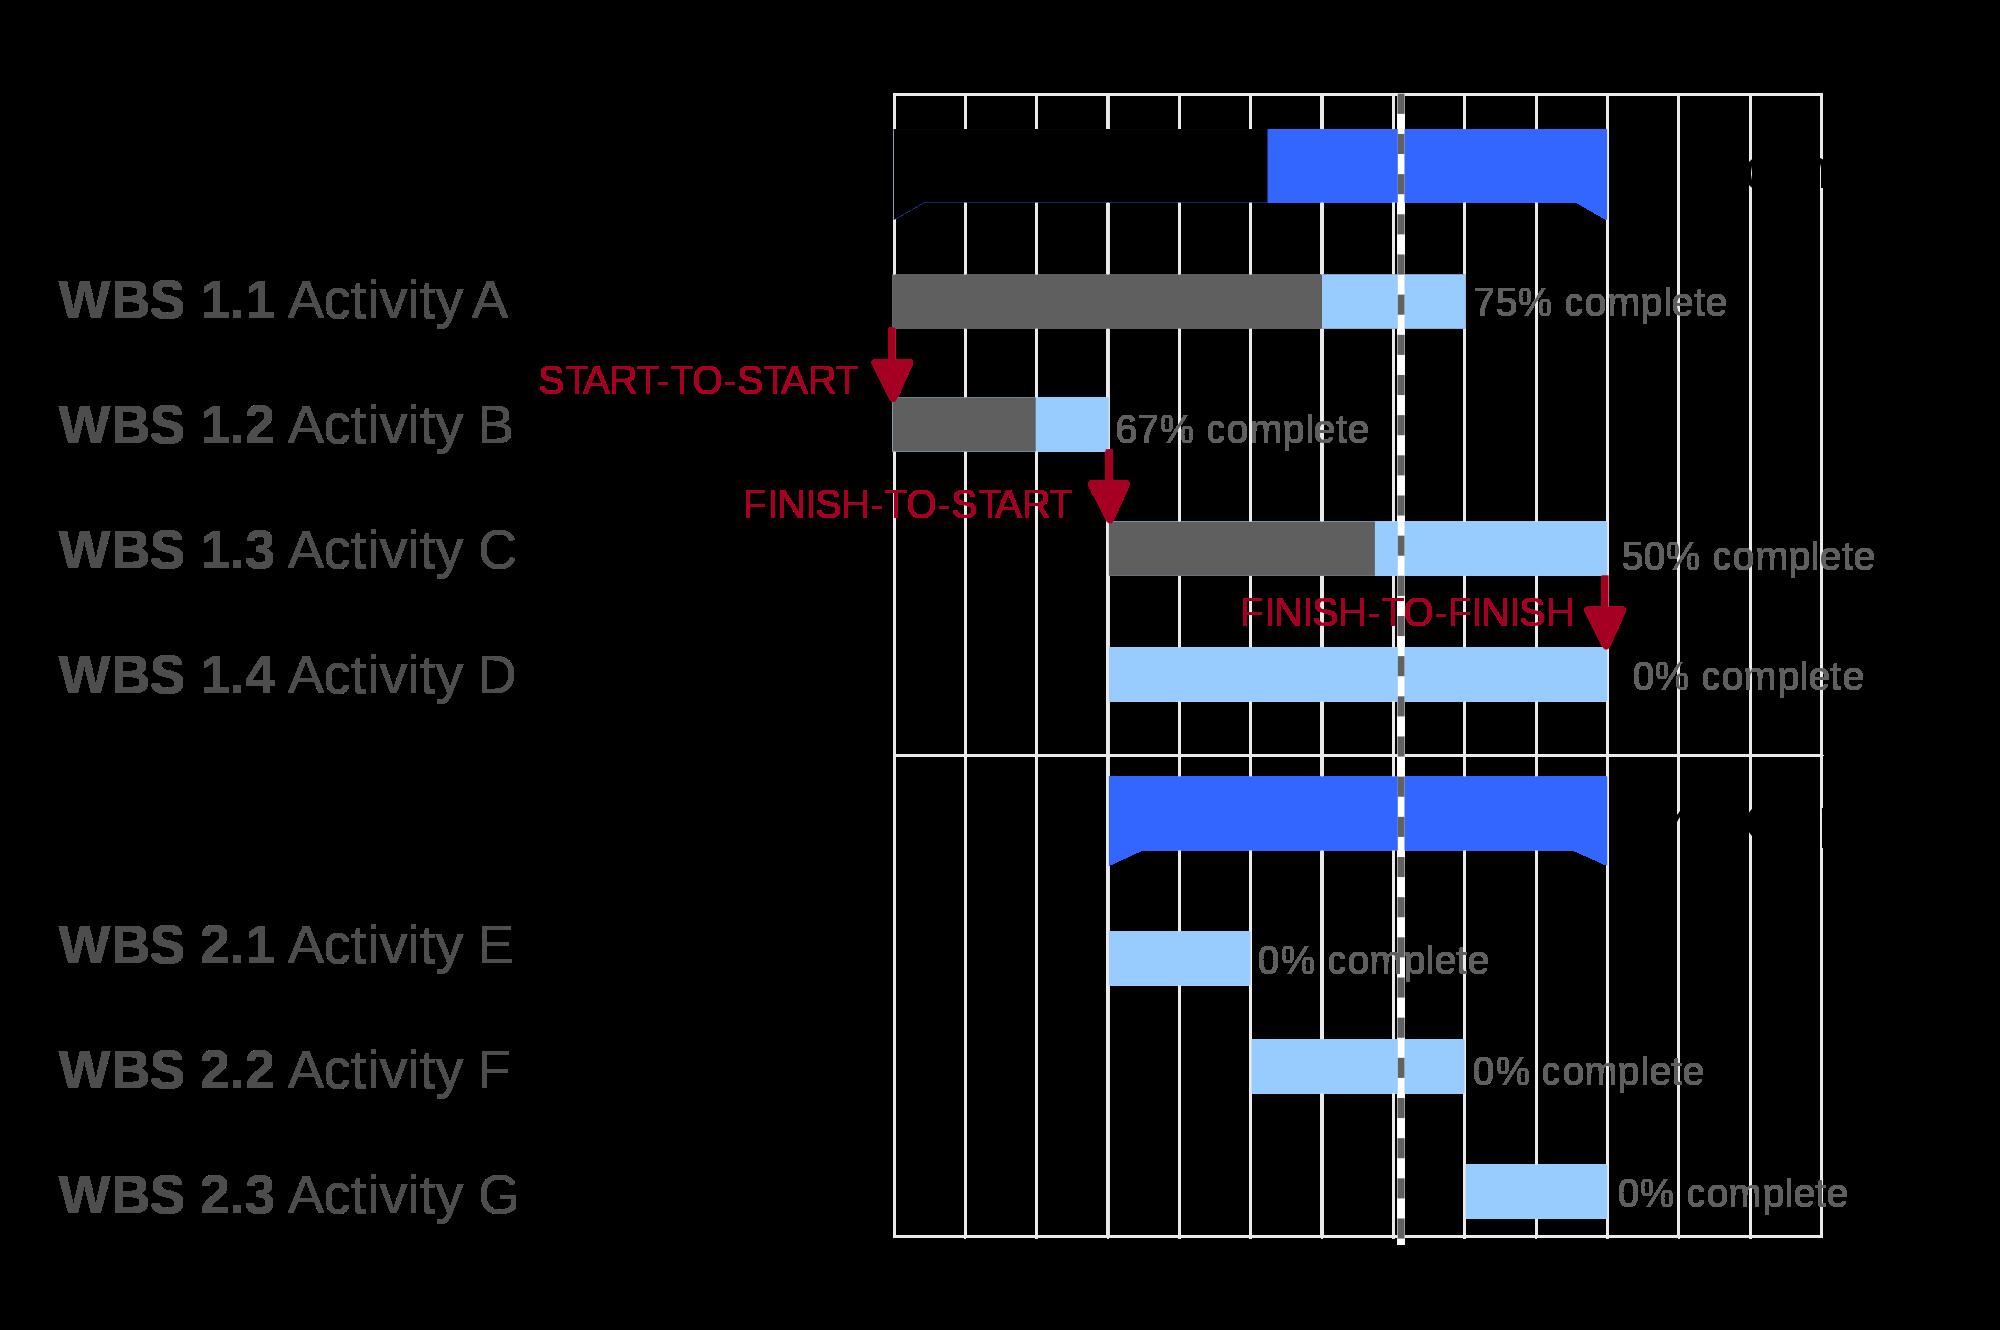 construction project management chart